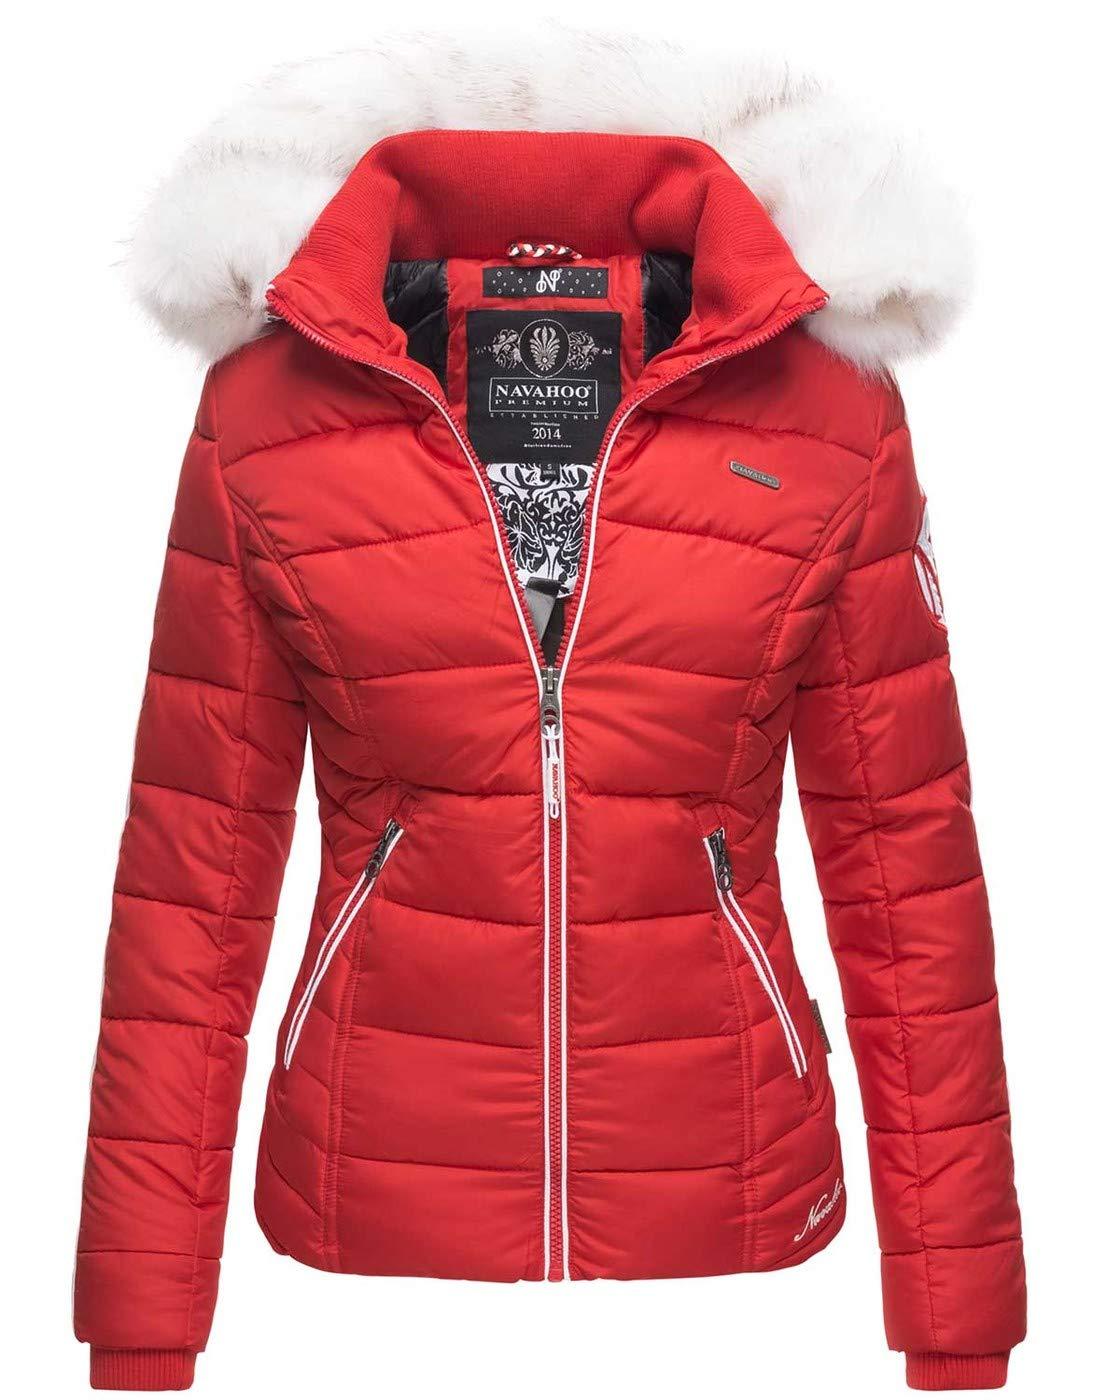 Navahoo warme Damen Winter Jacke Stepp Kurzjacke gefüttert B810